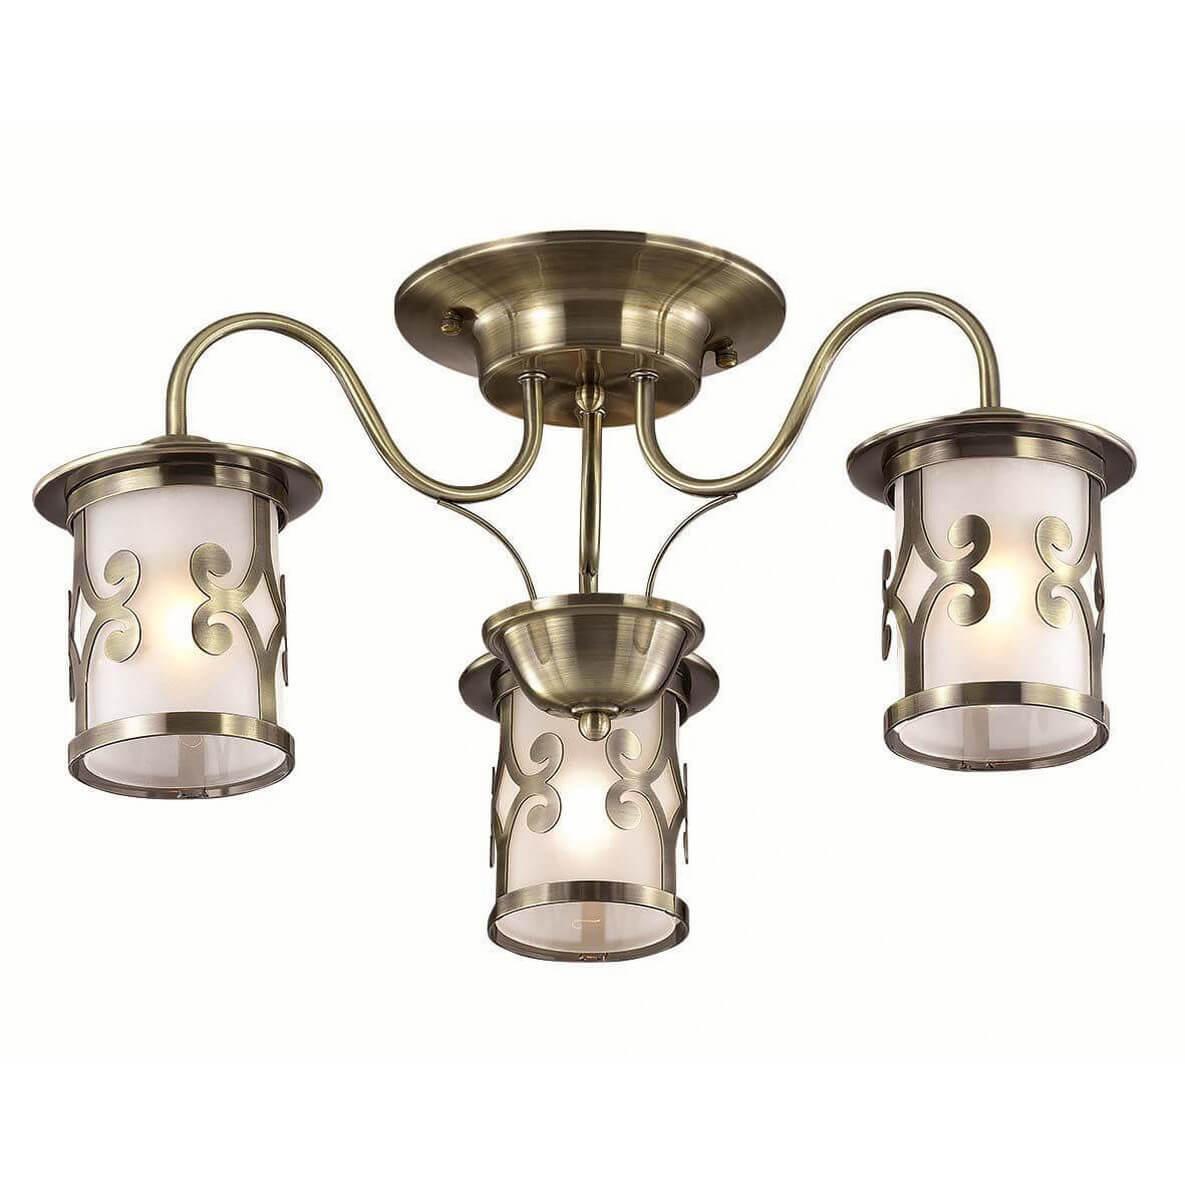 Потолочный светильник Lumion 3118/3C, E27, 40 Вт потолочный светильник lumion 4415 3c